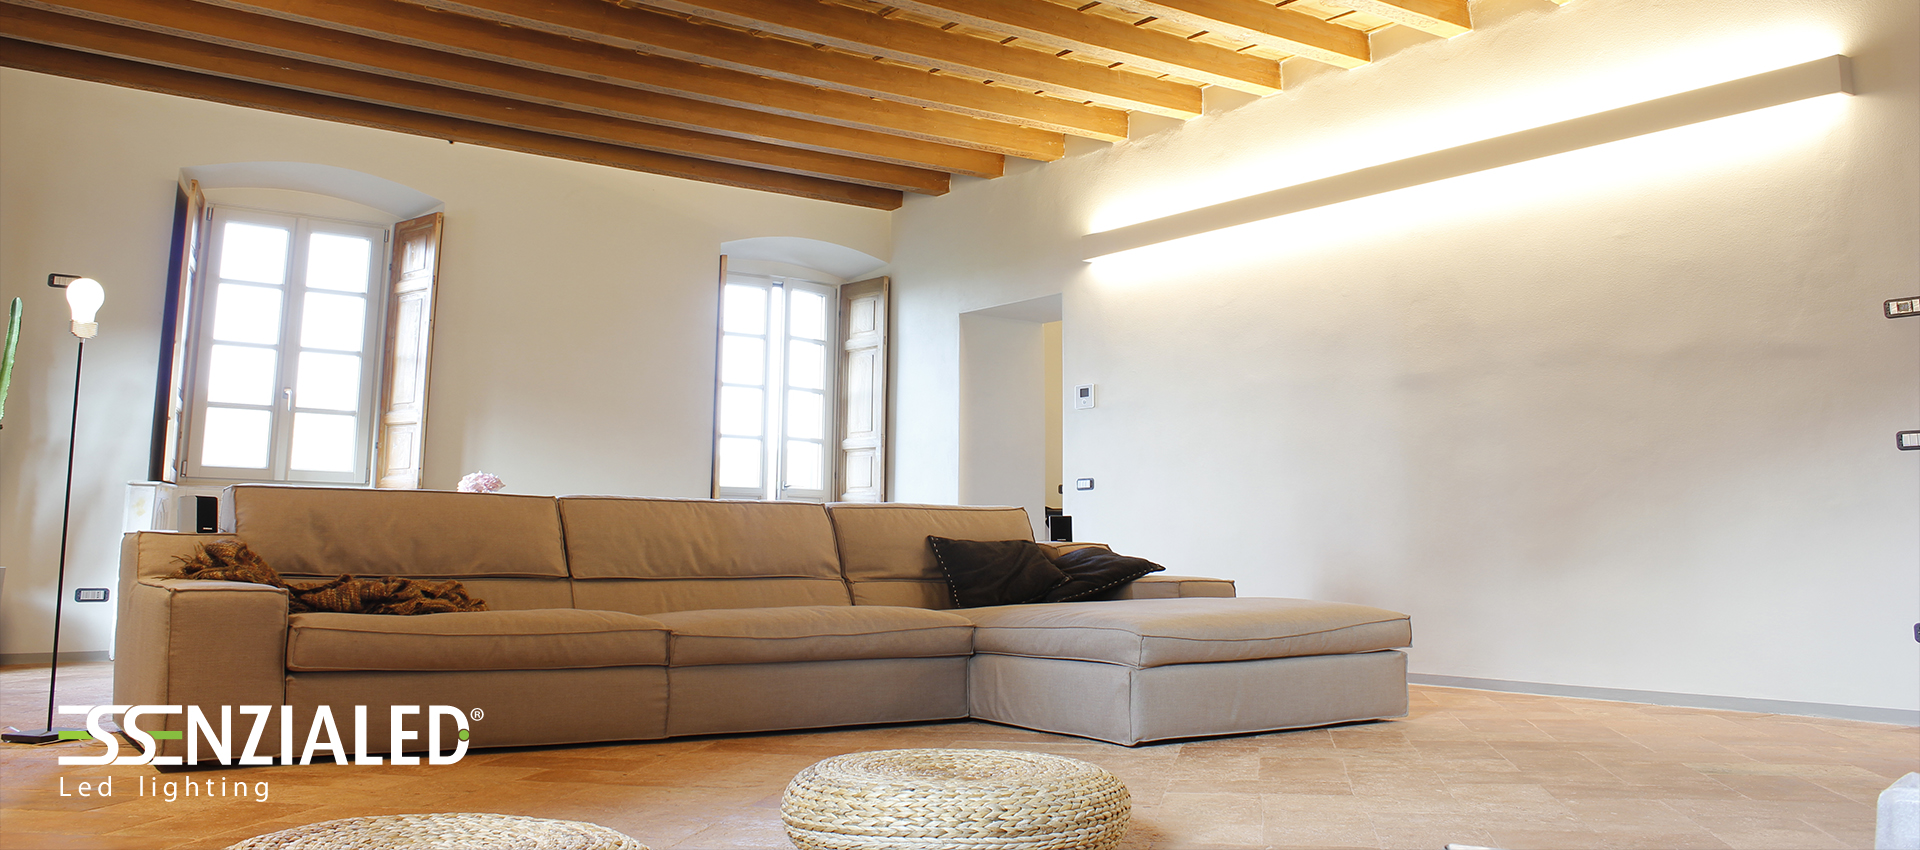 Righello essenzialed il design essenziale applique da for Casa essenziale